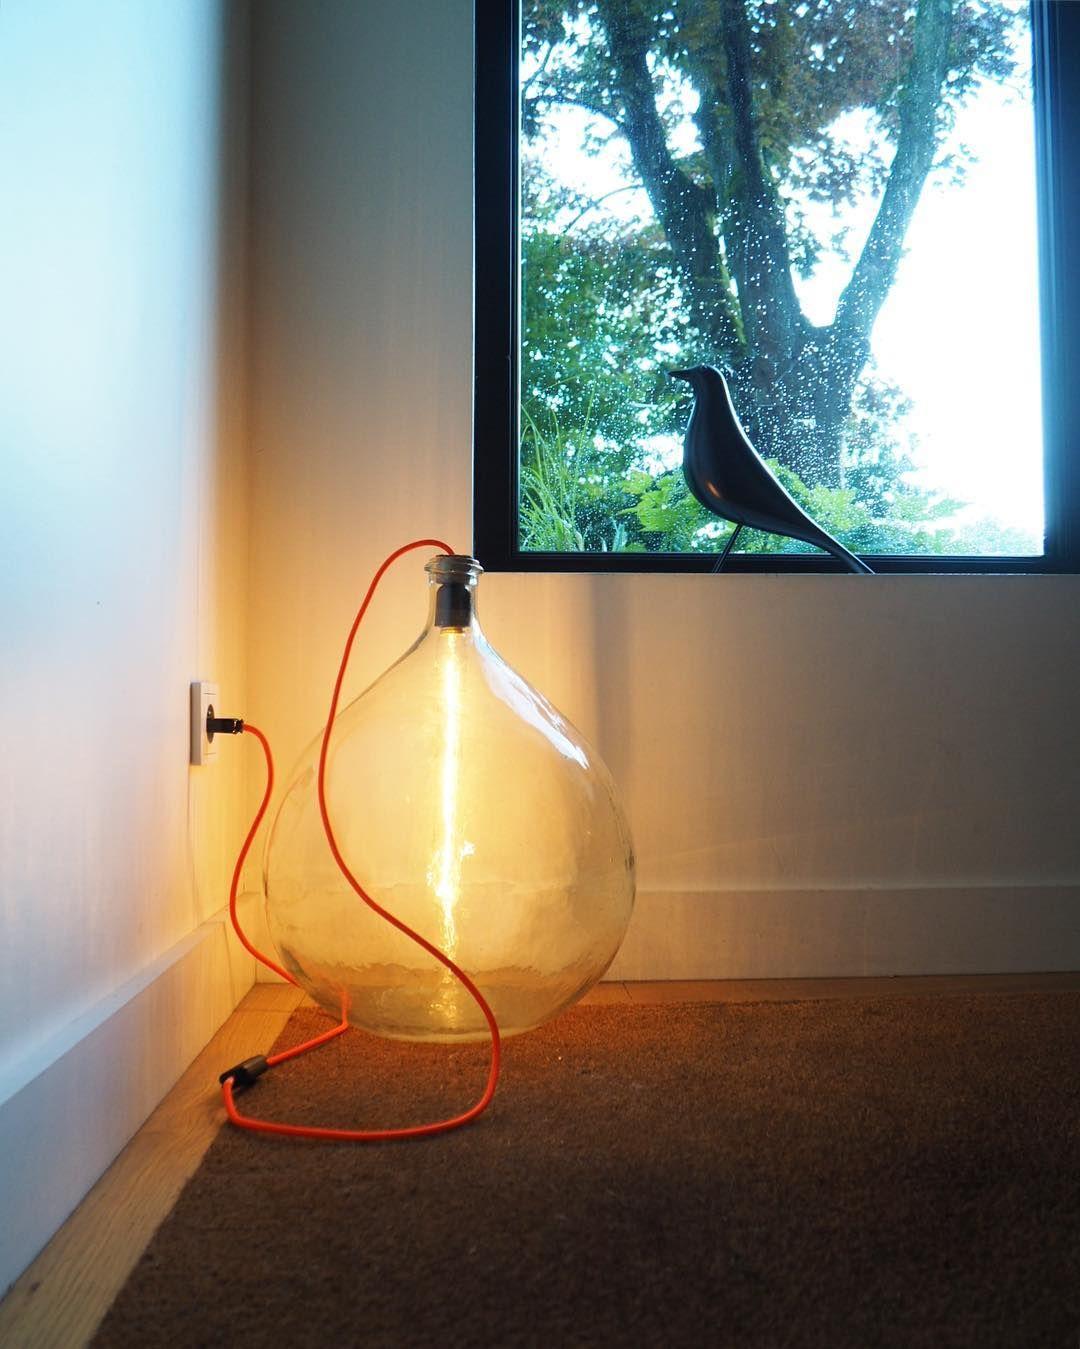 Eclairage dame jeanne lampe edison en tube et fil de couleur